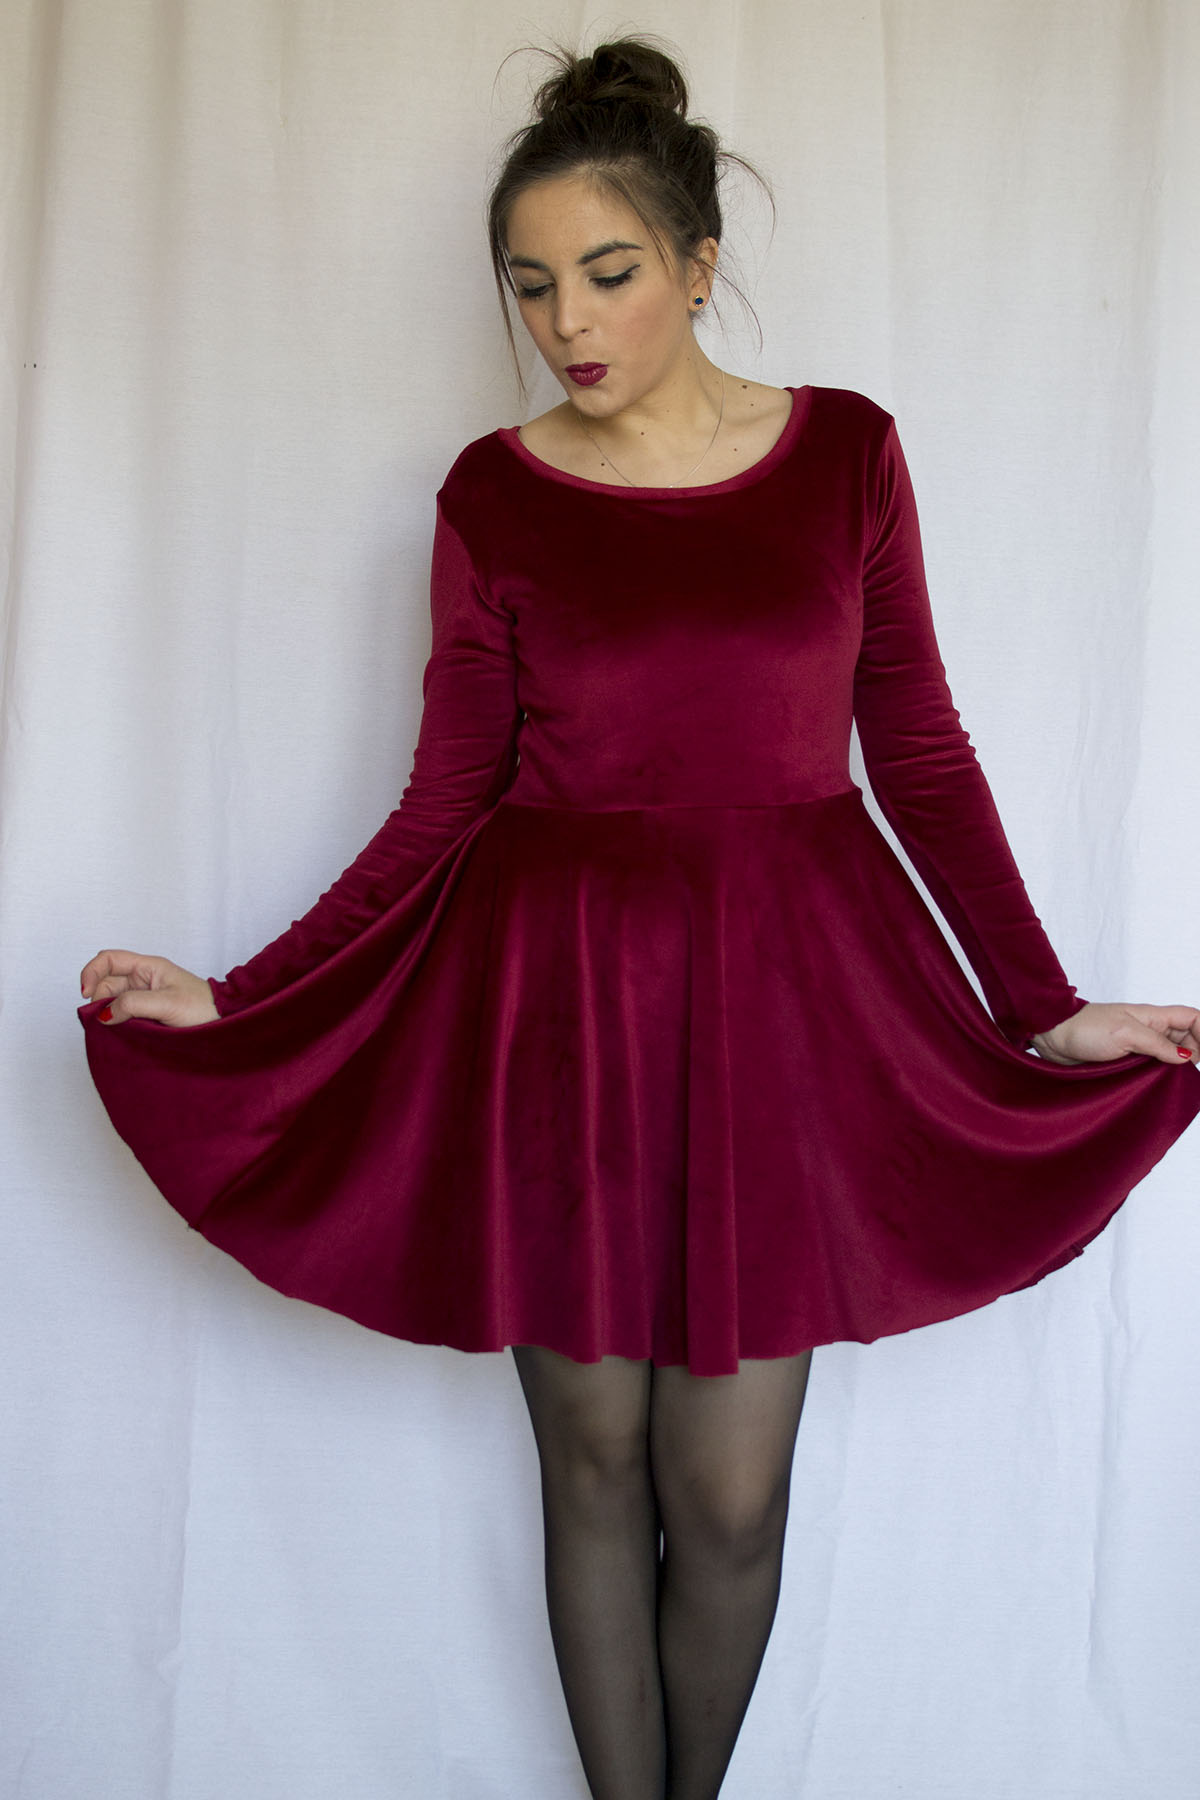 A little red dress